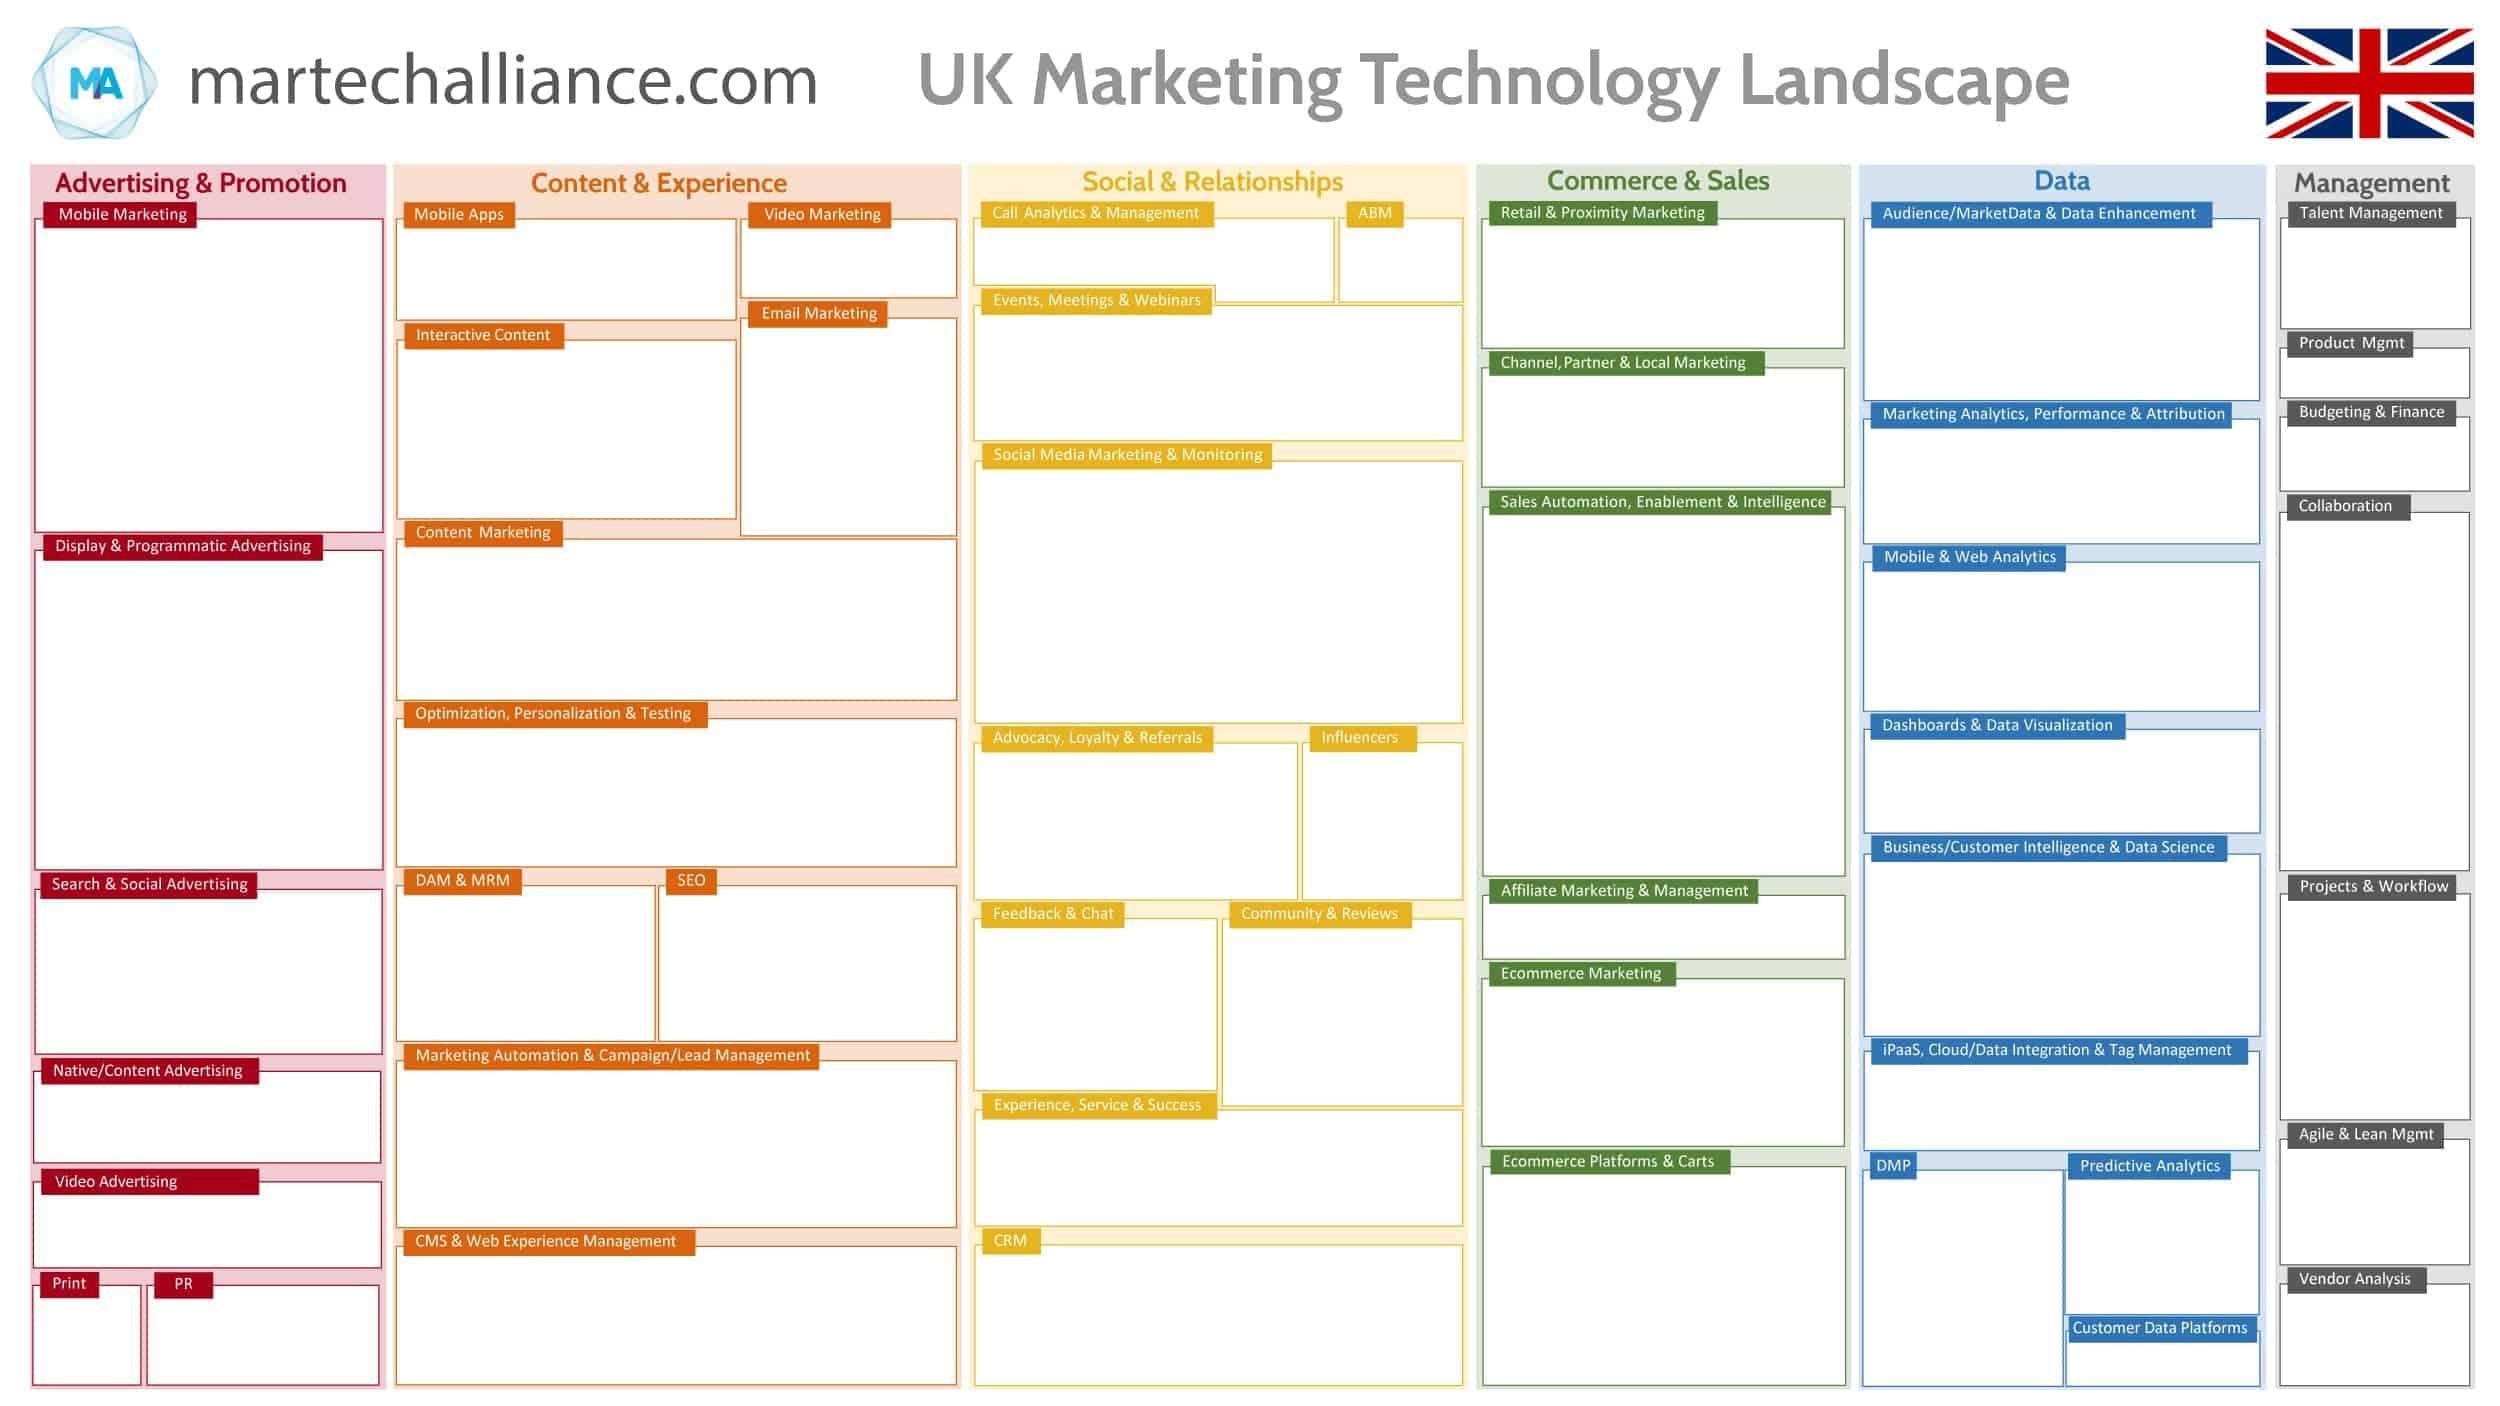 UK-MarTech-Landscape-Empty-MarTech-Alliance (1)